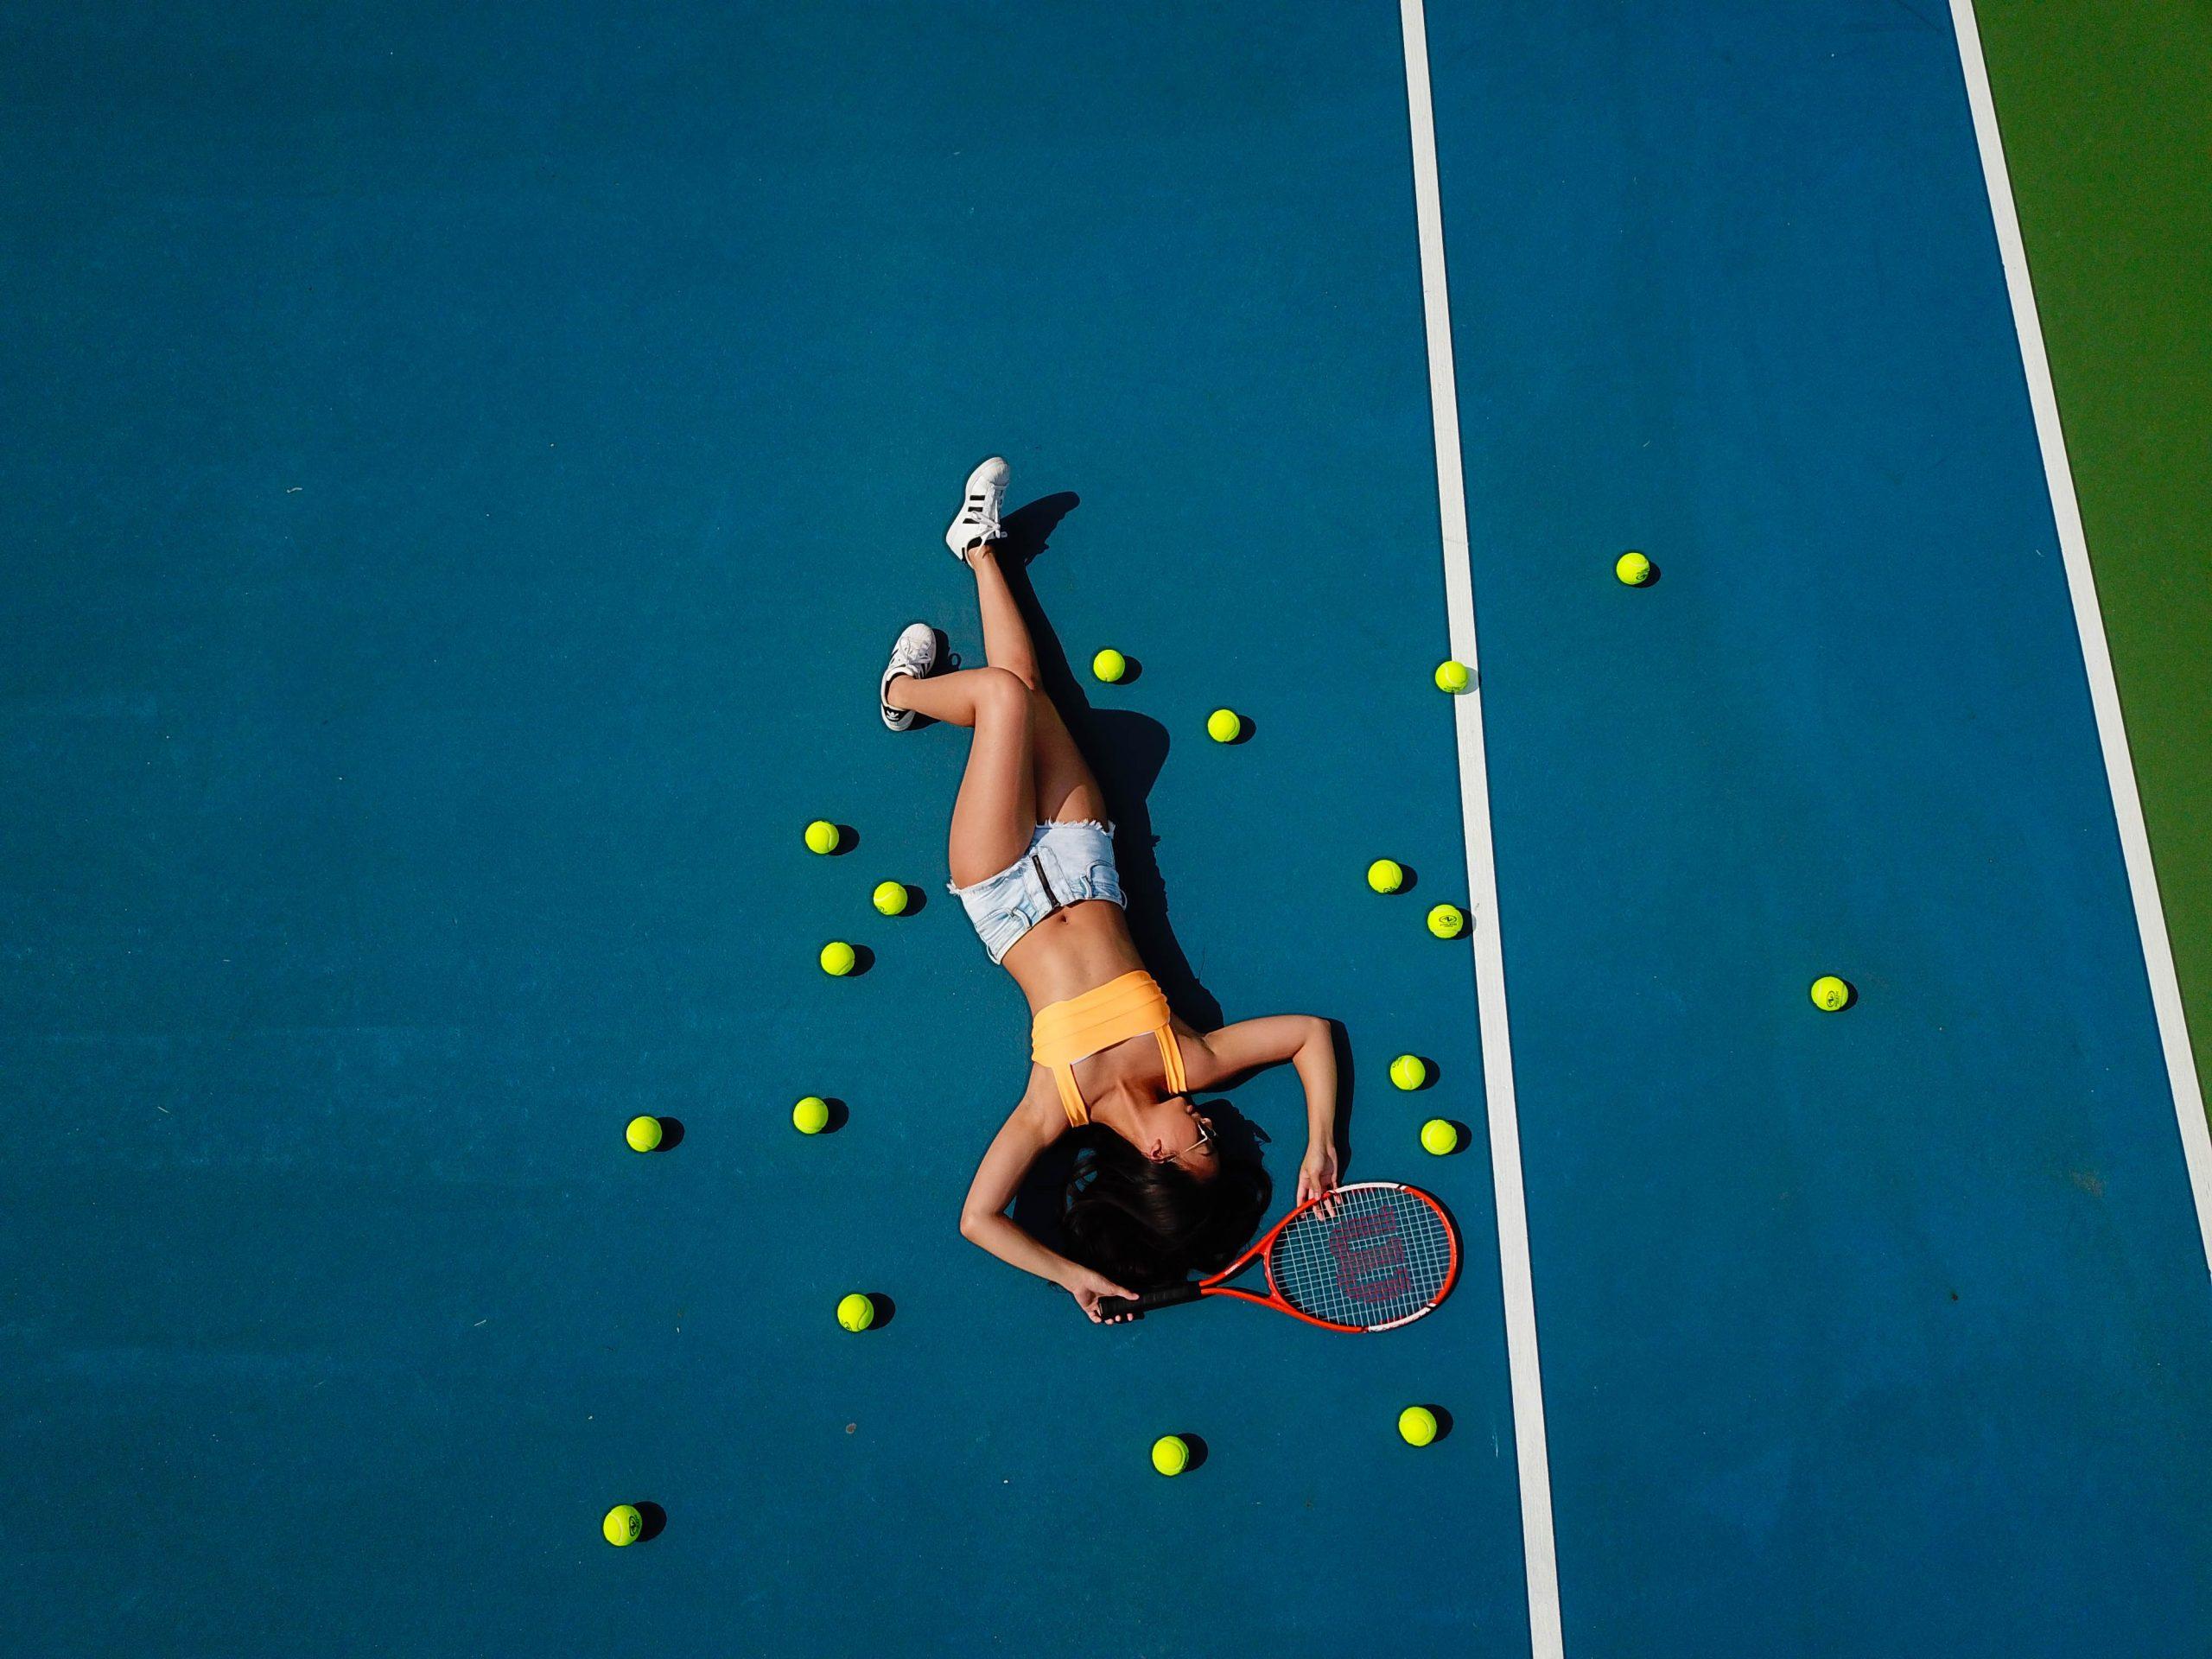 Raqueta de tenis Wilson: ¿Cuál es la mejor del 2021?